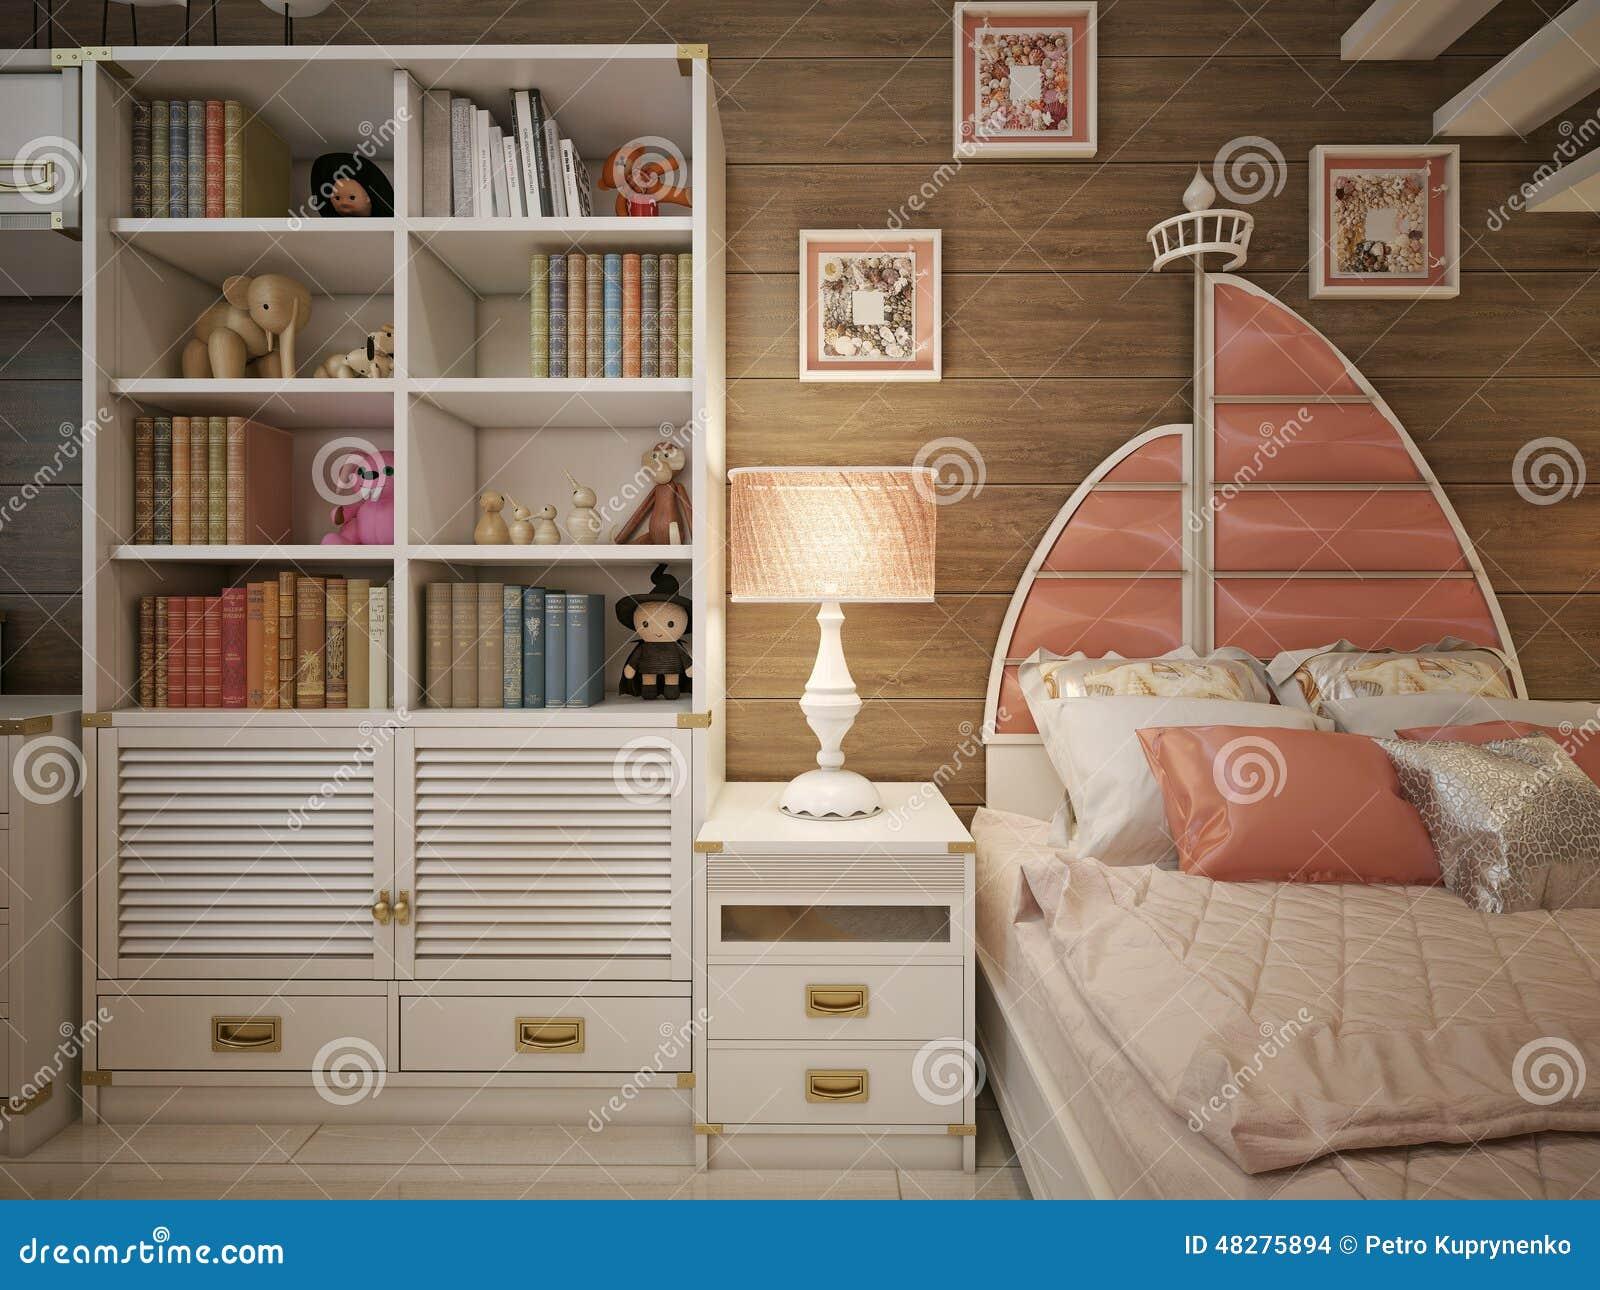 Best download camera da letto delle ragazze nello stile - Camera da letto per ragazze ...